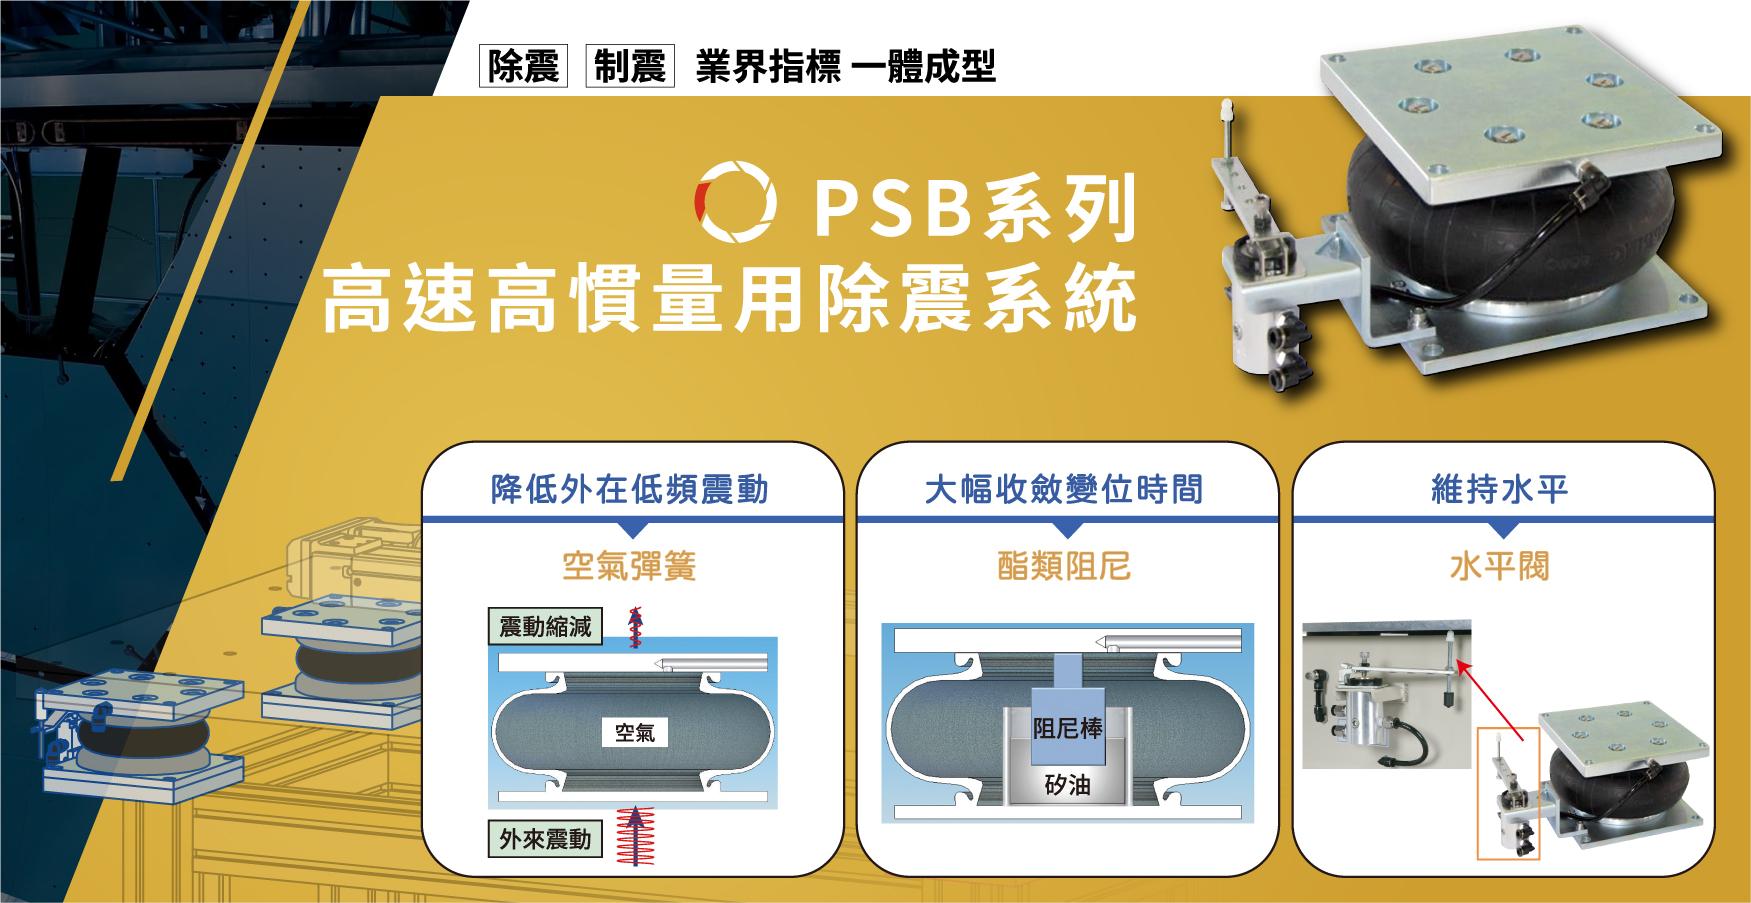 PSB被動式除震系統